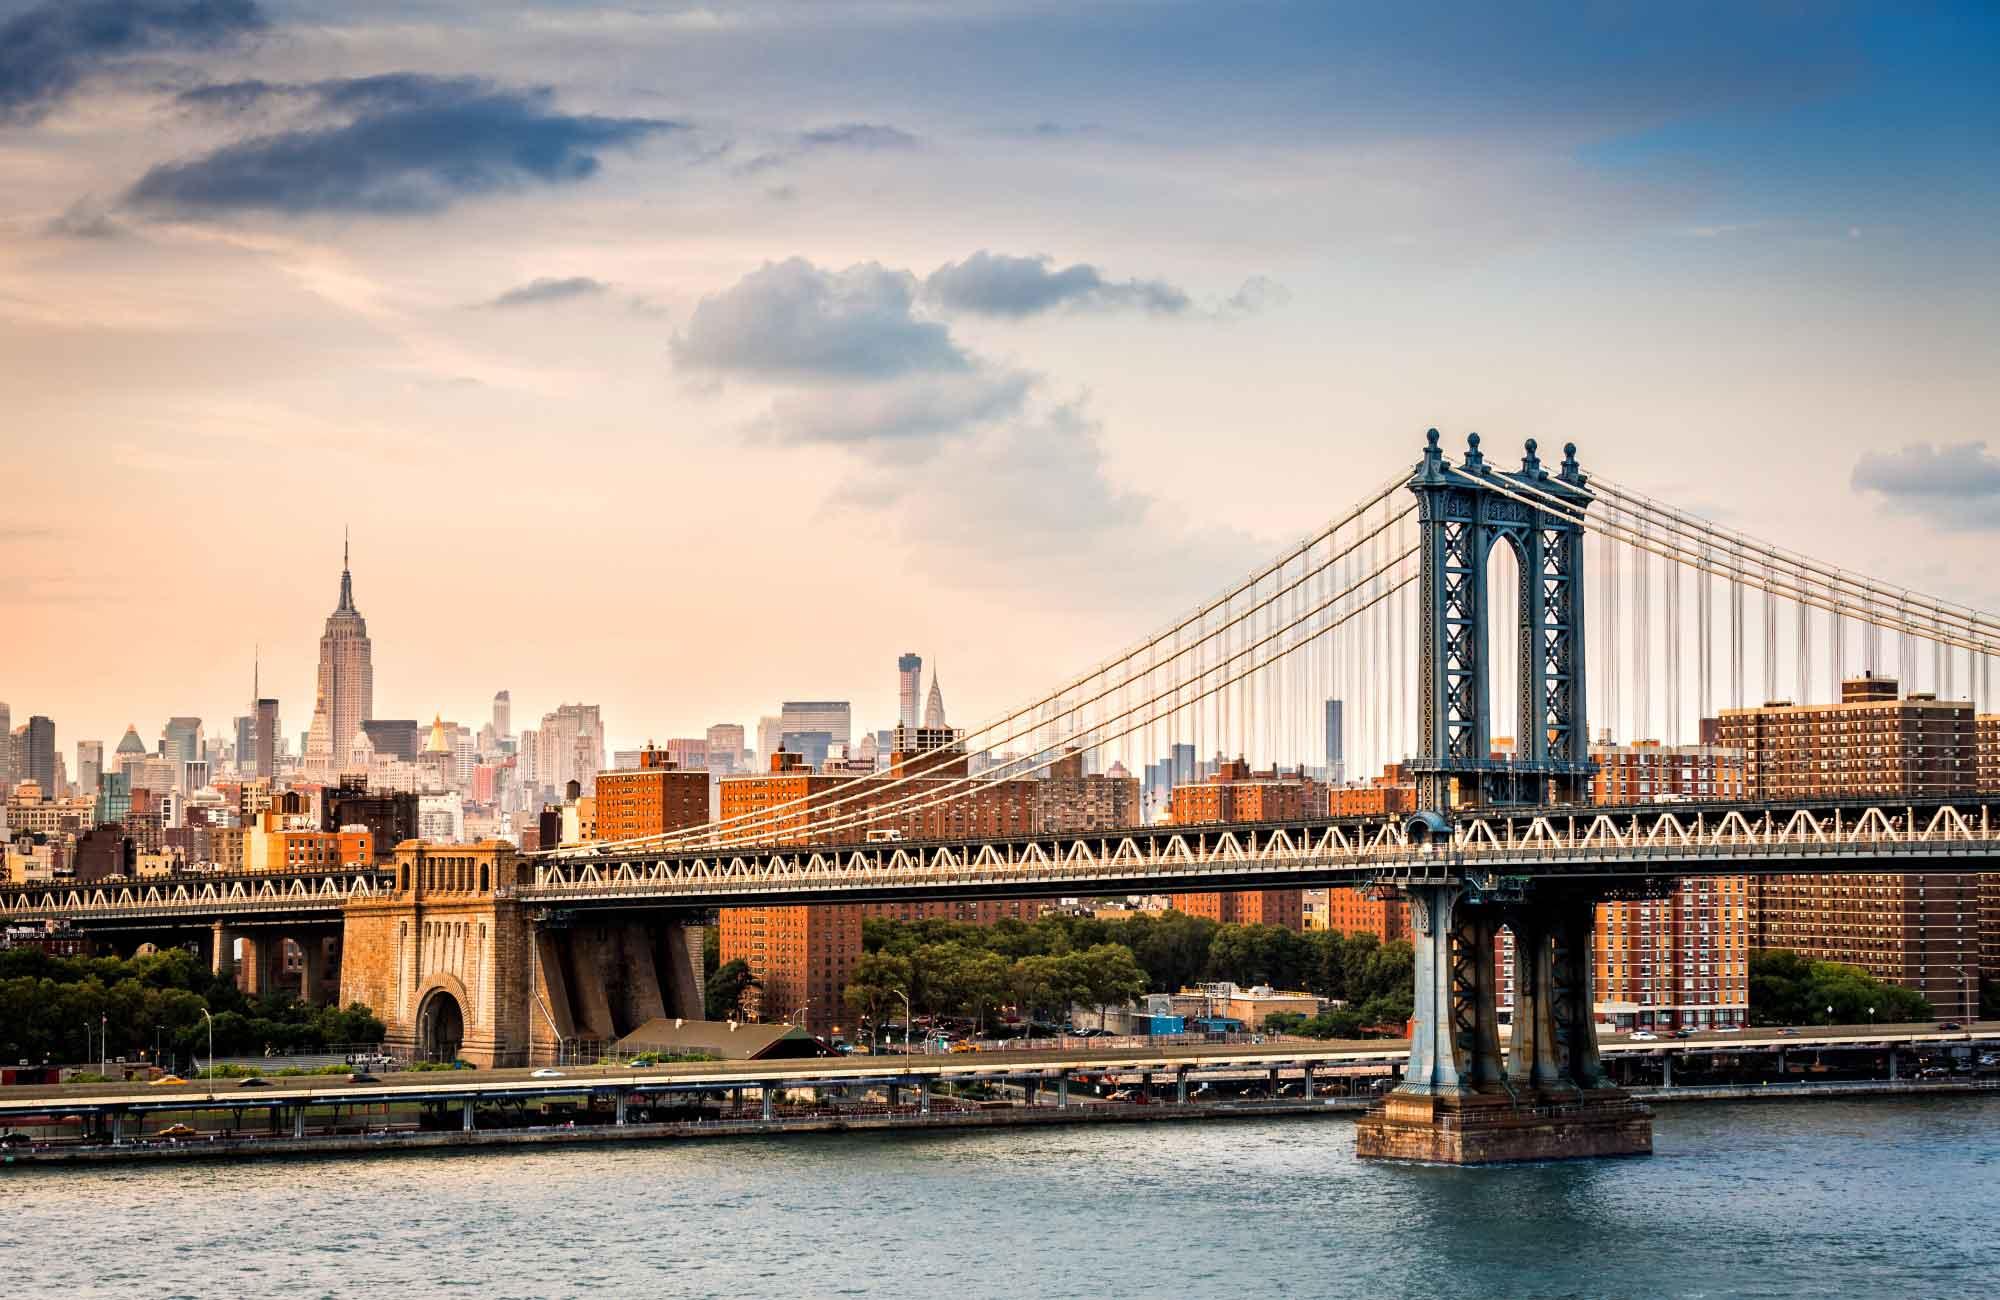 Voyage Etats-Unis - New York et le pont de Manhattan - Amplitudes